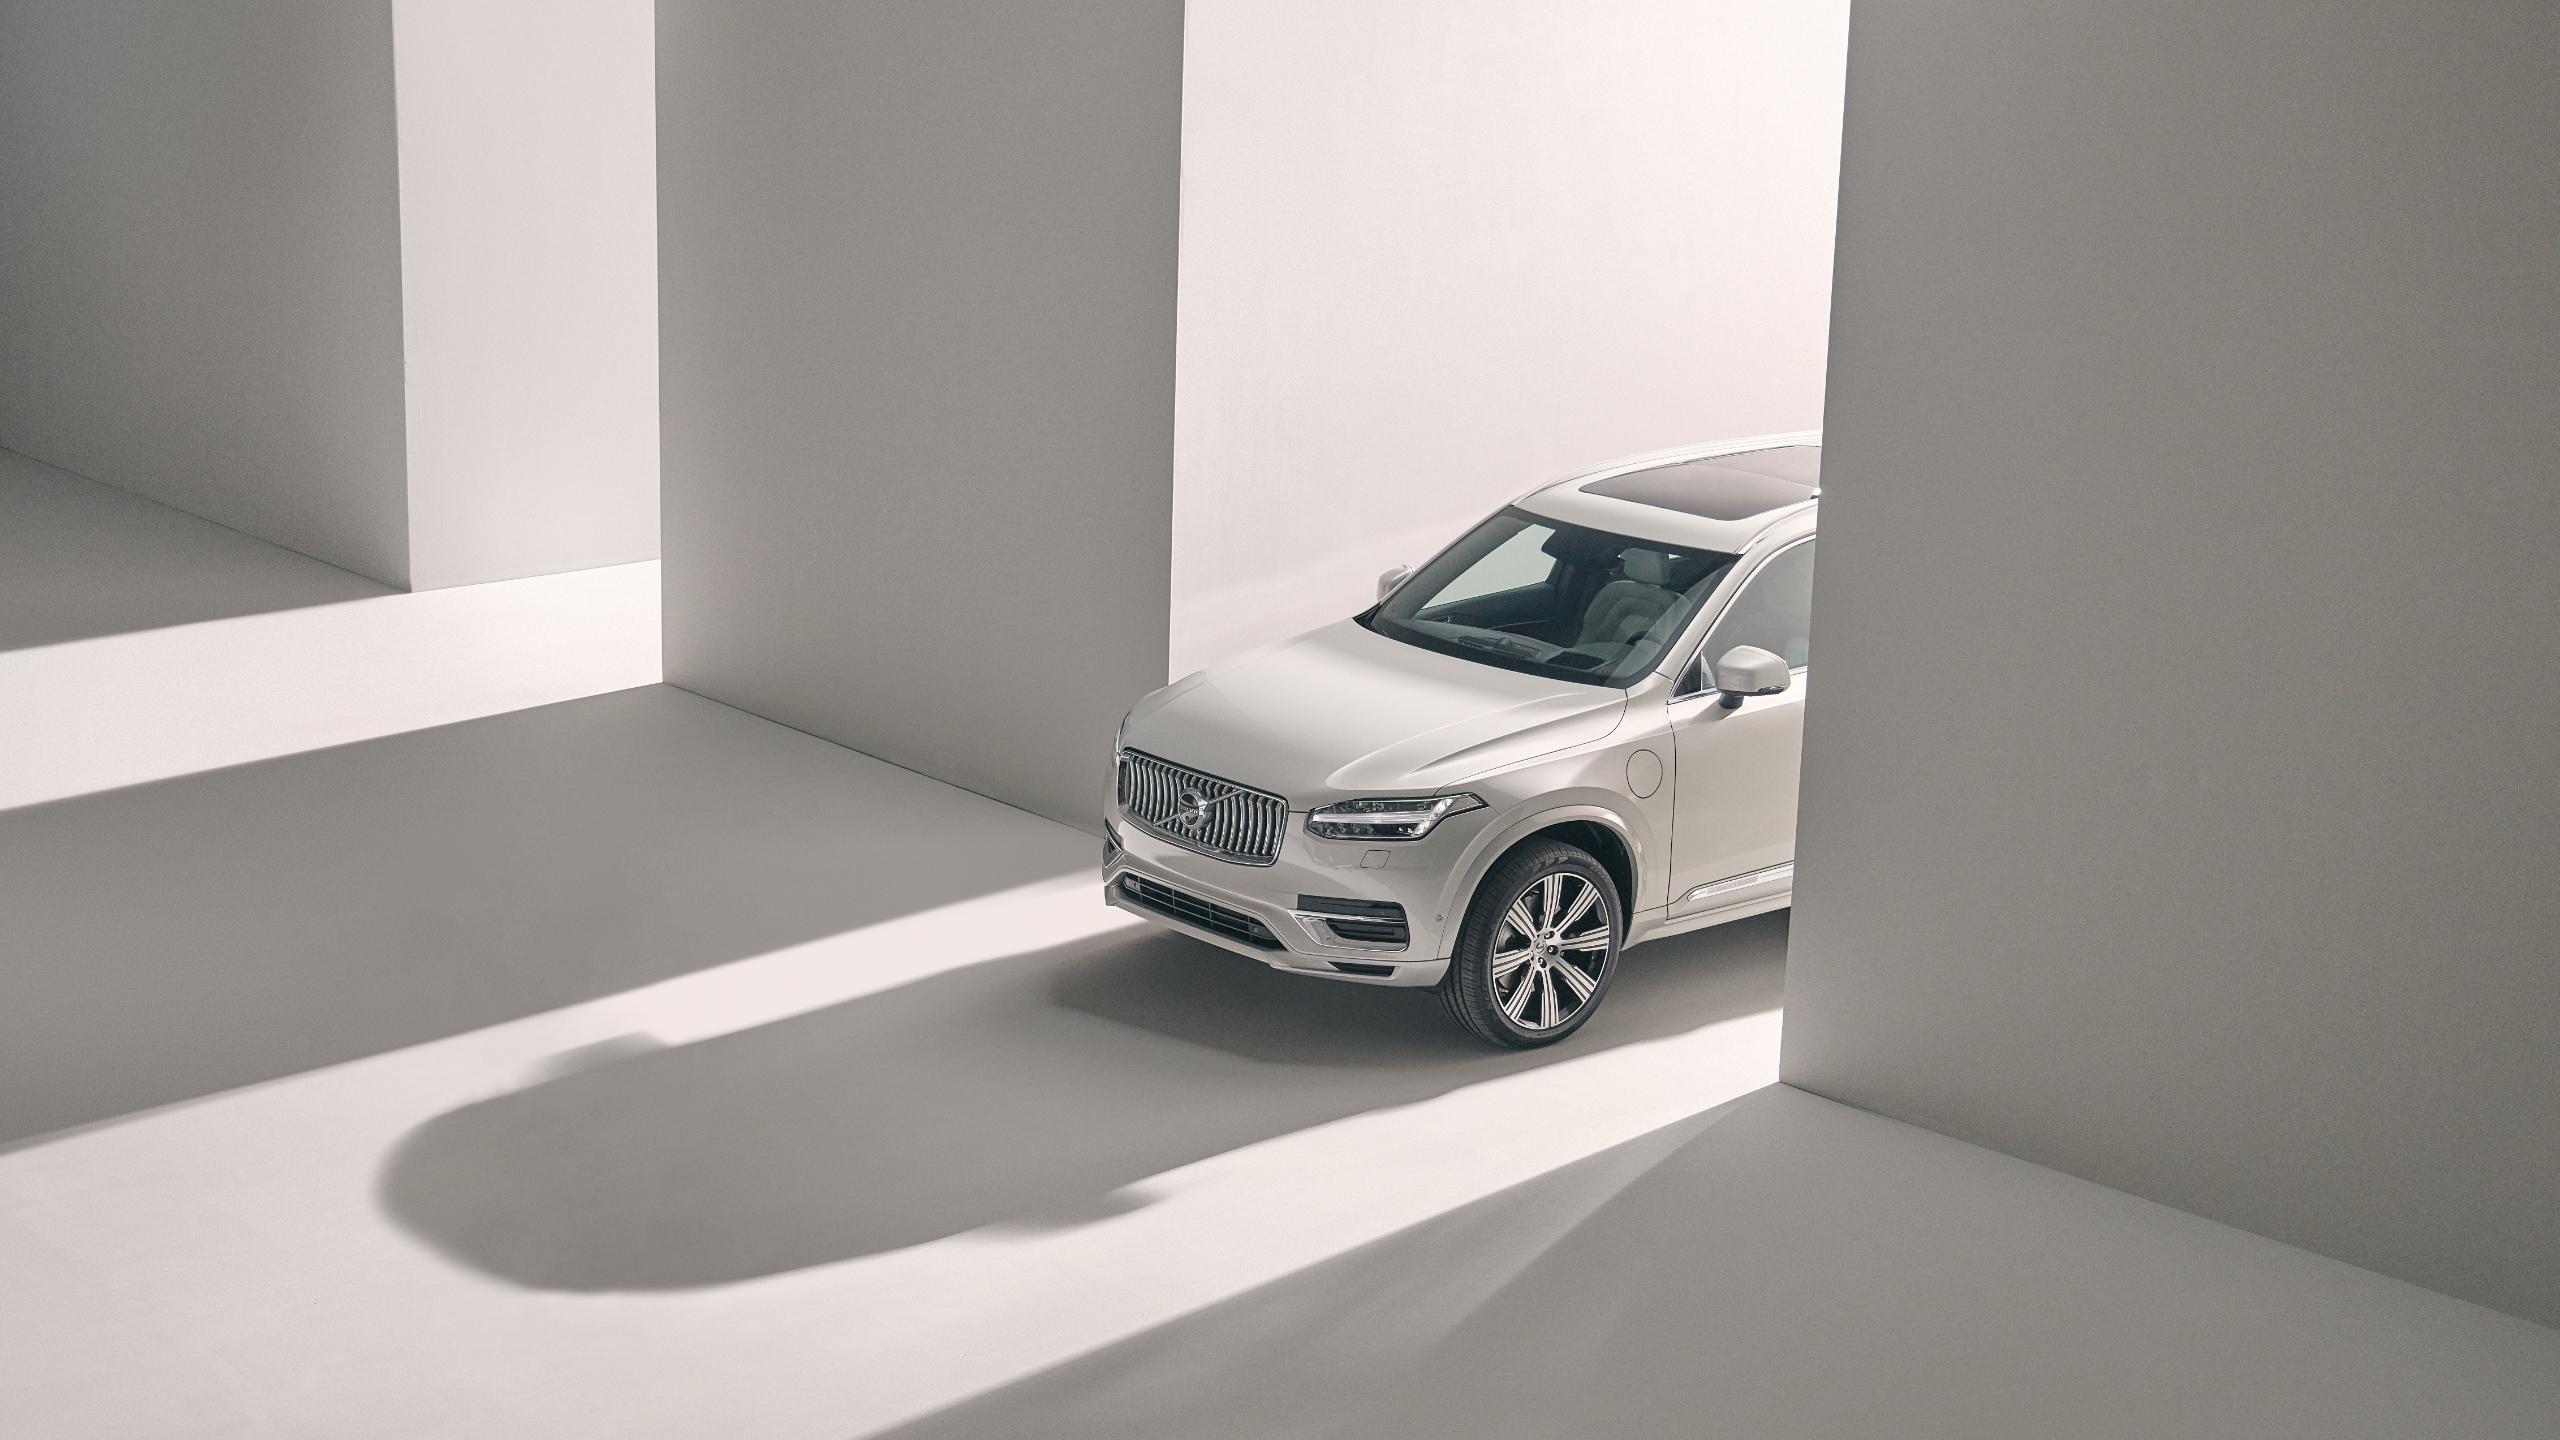 Schräge Aufsicht von oben auf einen stehenden Volvo XC90 Recharge in einer weißen Halle